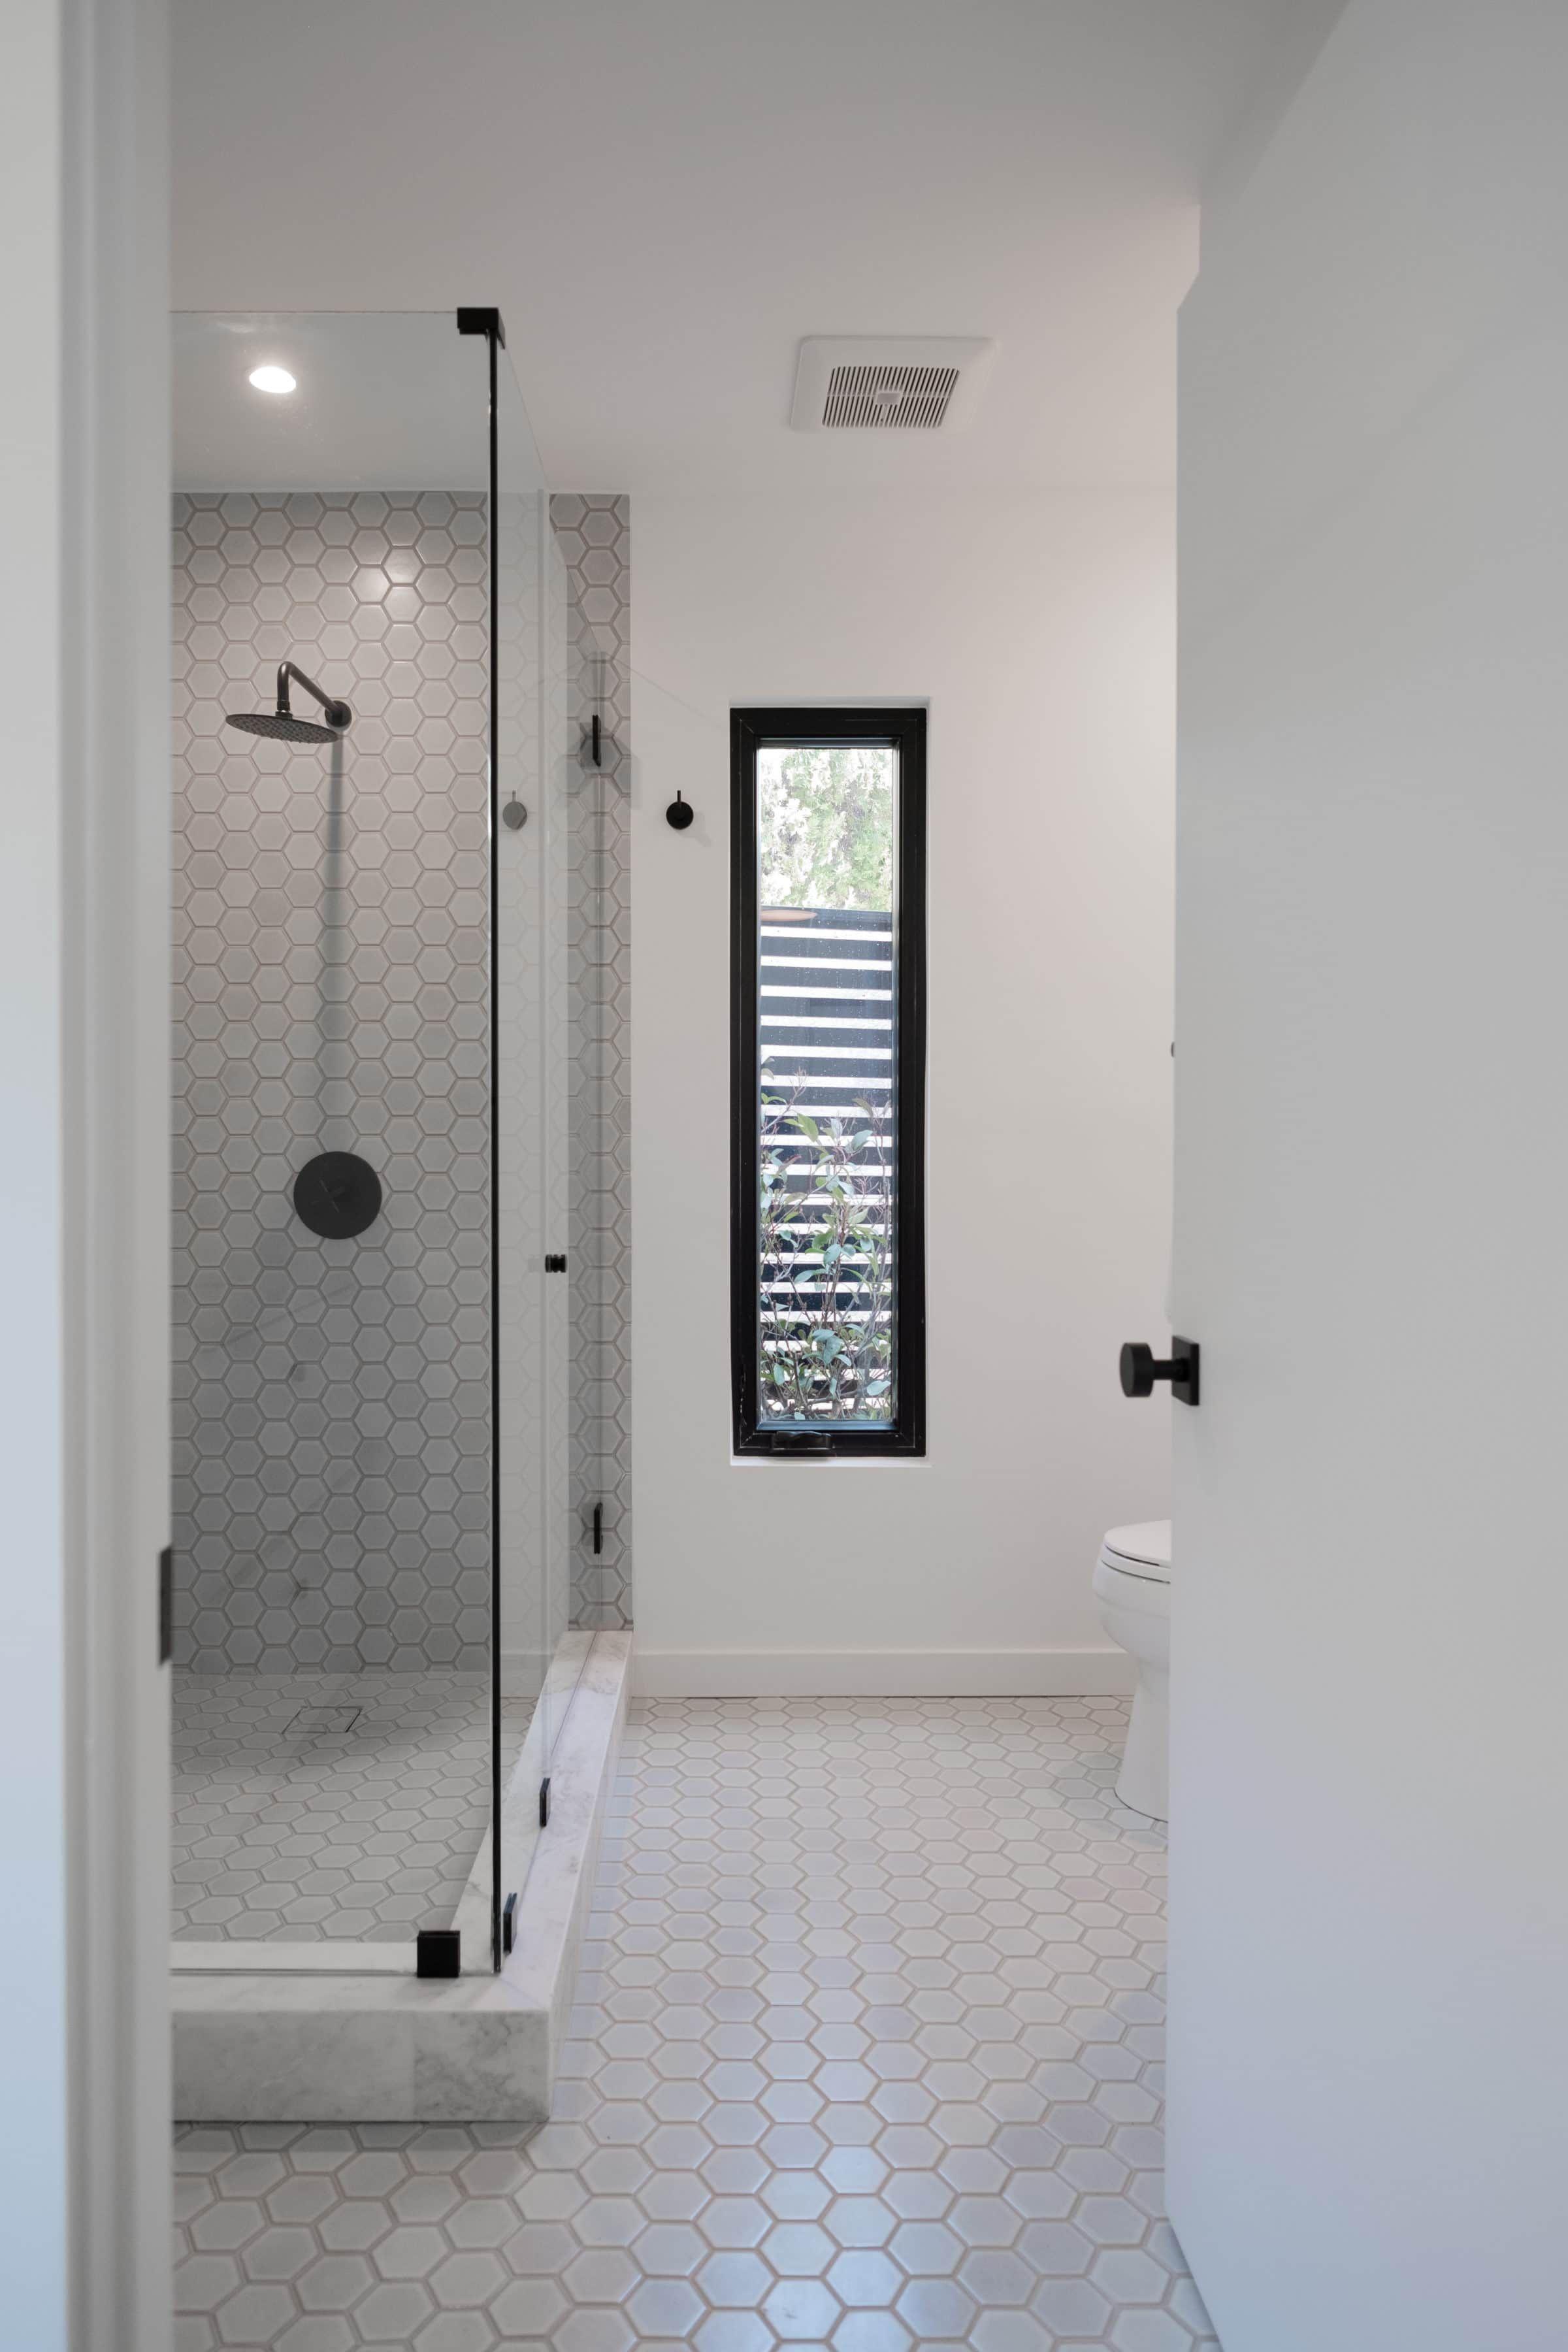 New To Market Architectural 3Bd3Ba Mid Century Modern By Vein Design